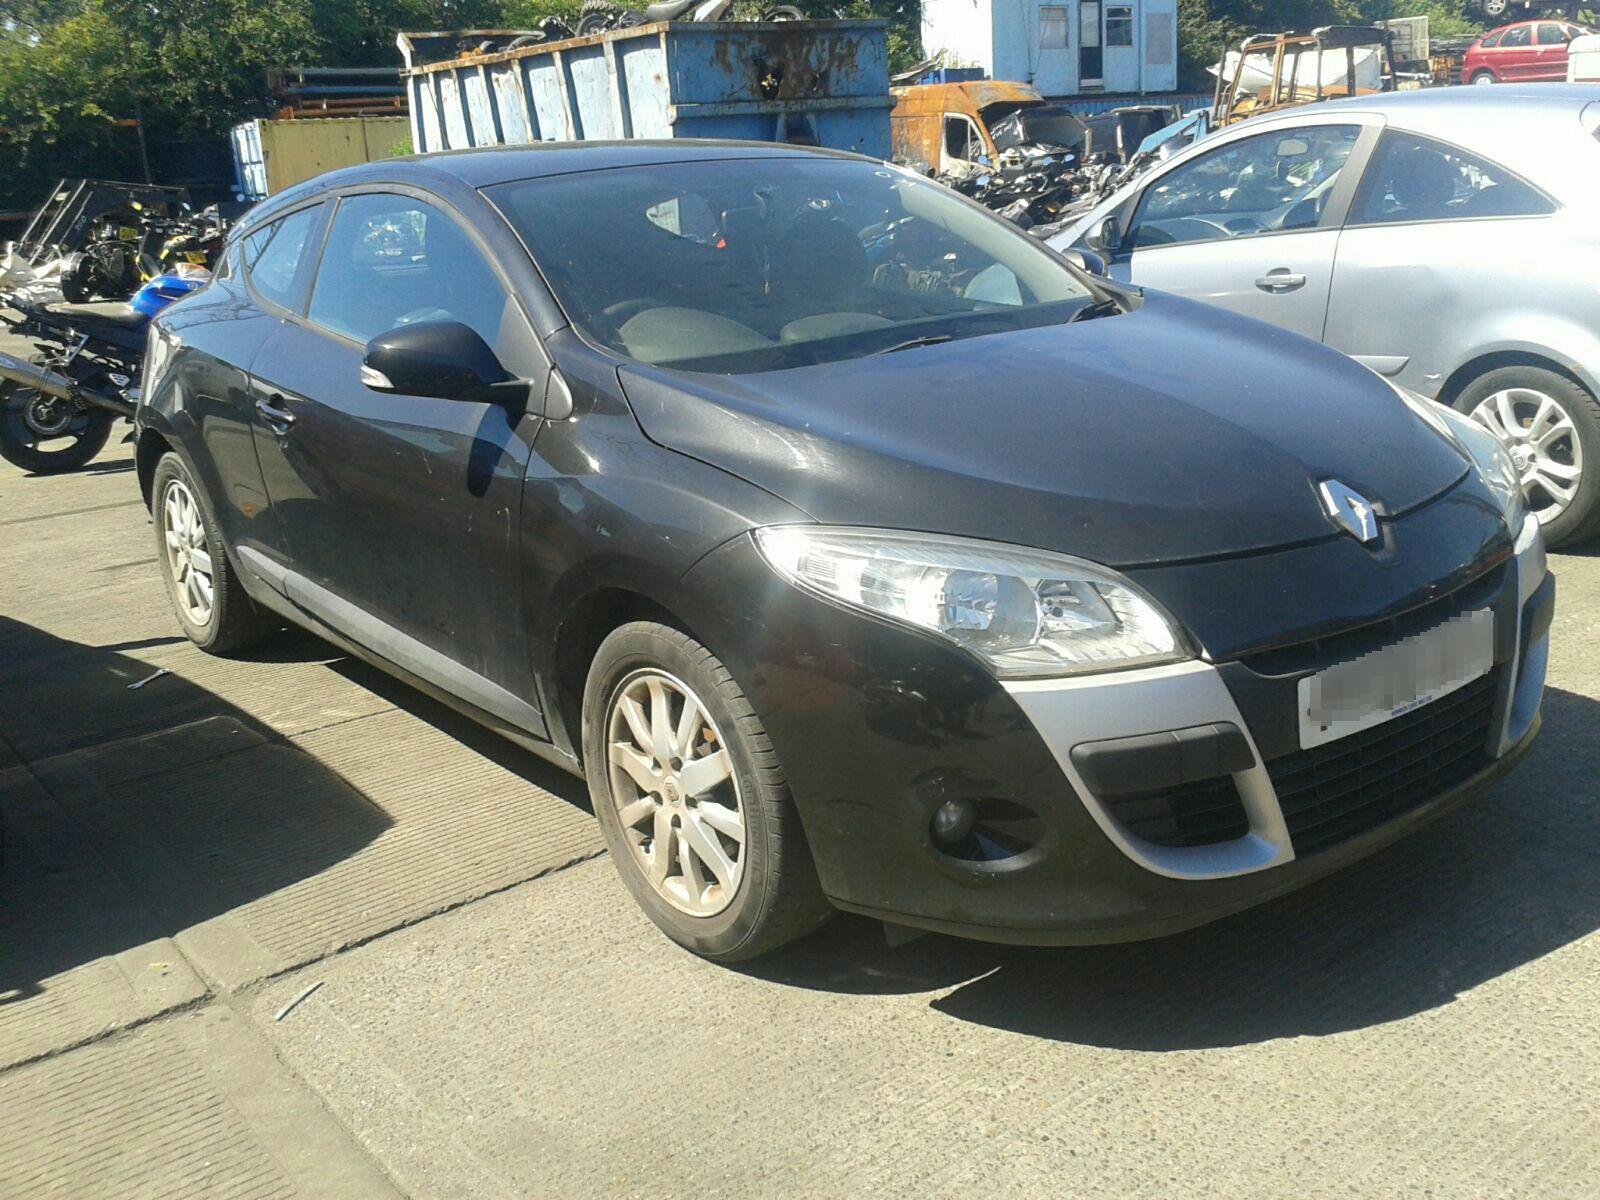 Renault Megane 2009 To 2012 3 Door Hatchback